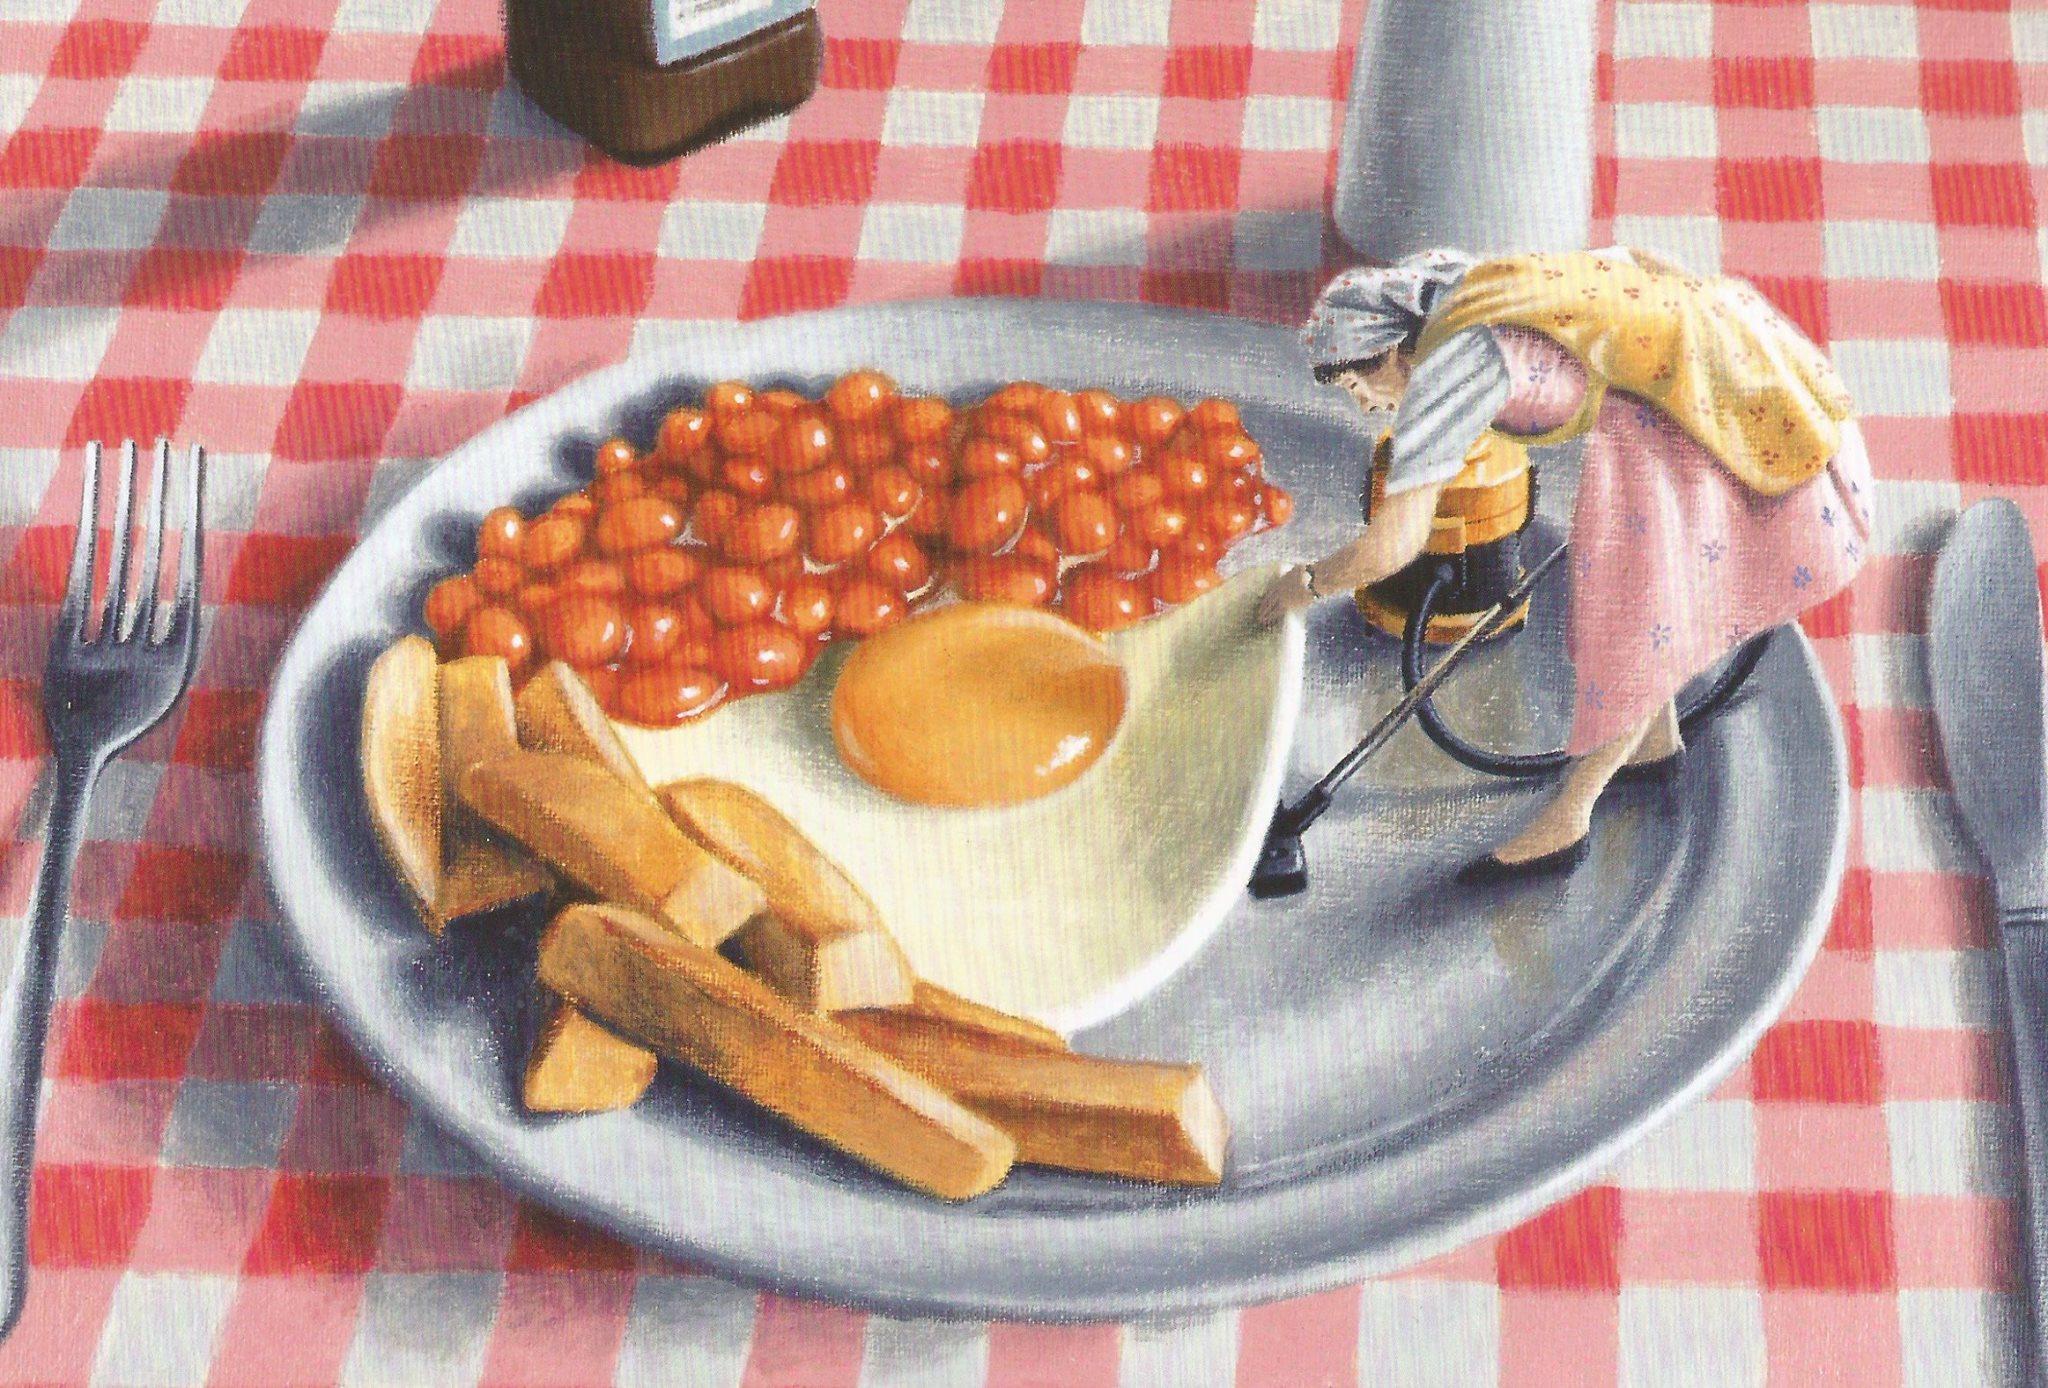 john-holcroft-ilustrações-critica-satira-sociedade-moderna-pinturas